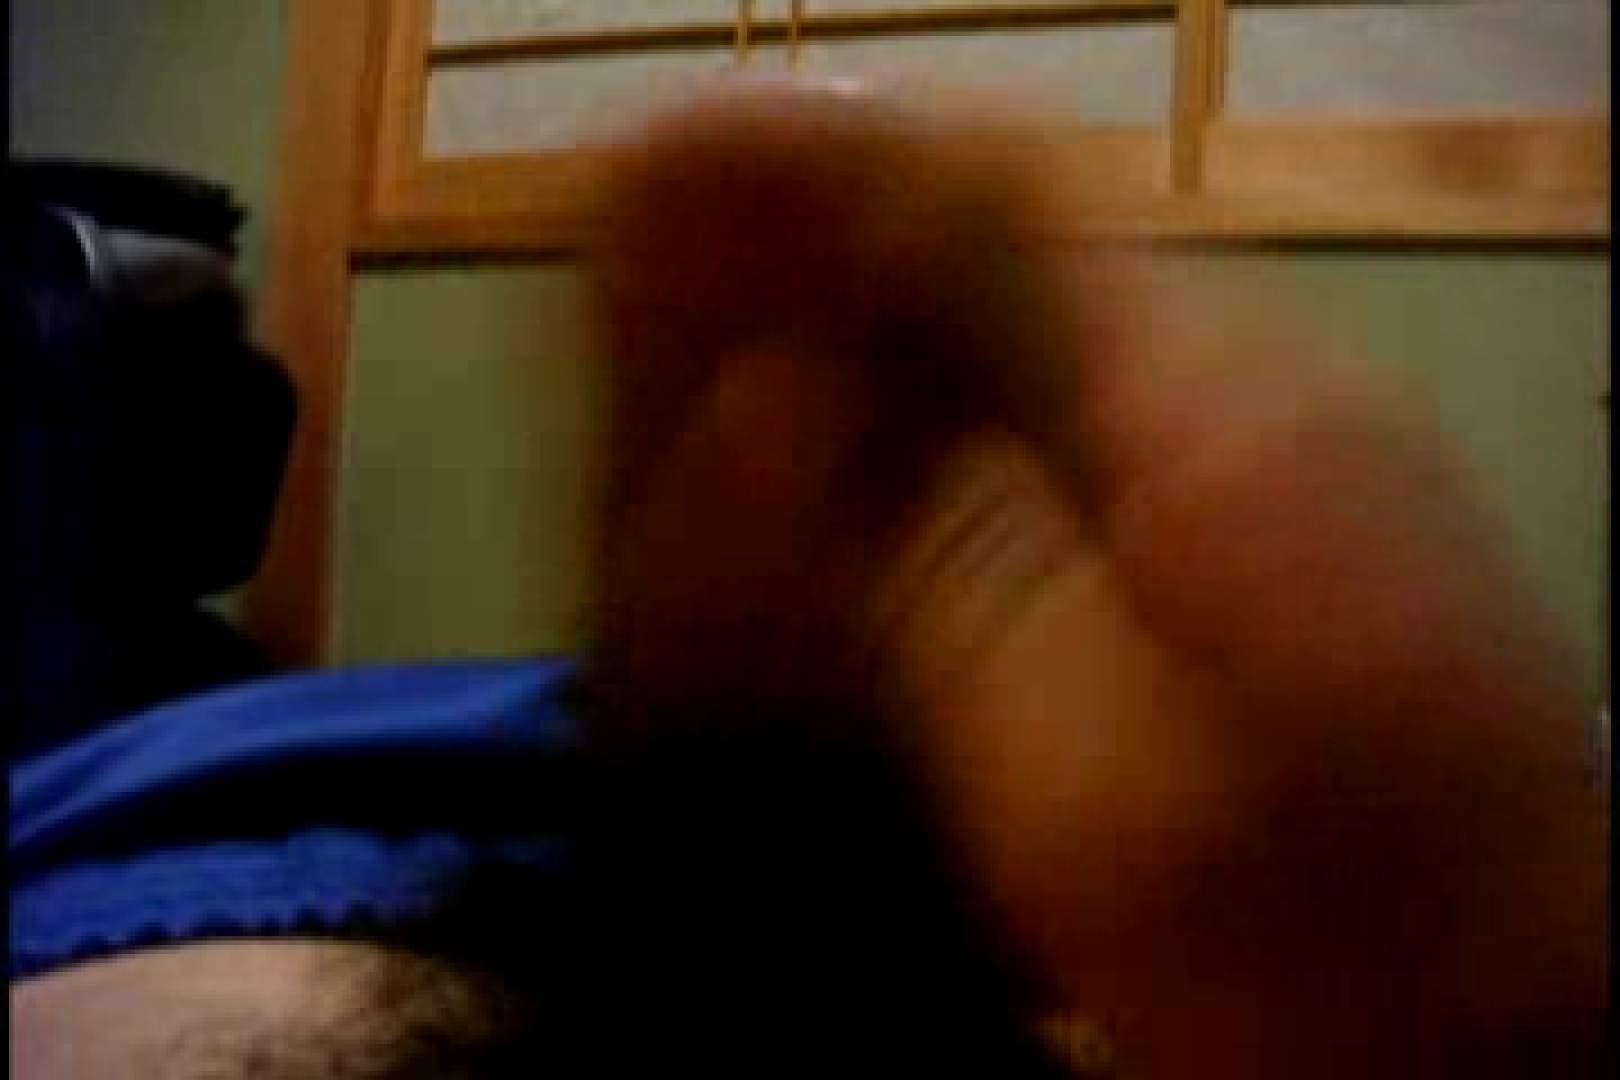 オナ好きノンケテニス部員の自画撮り投稿vol.02 射精 ゲイ無修正動画画像 102枚 43